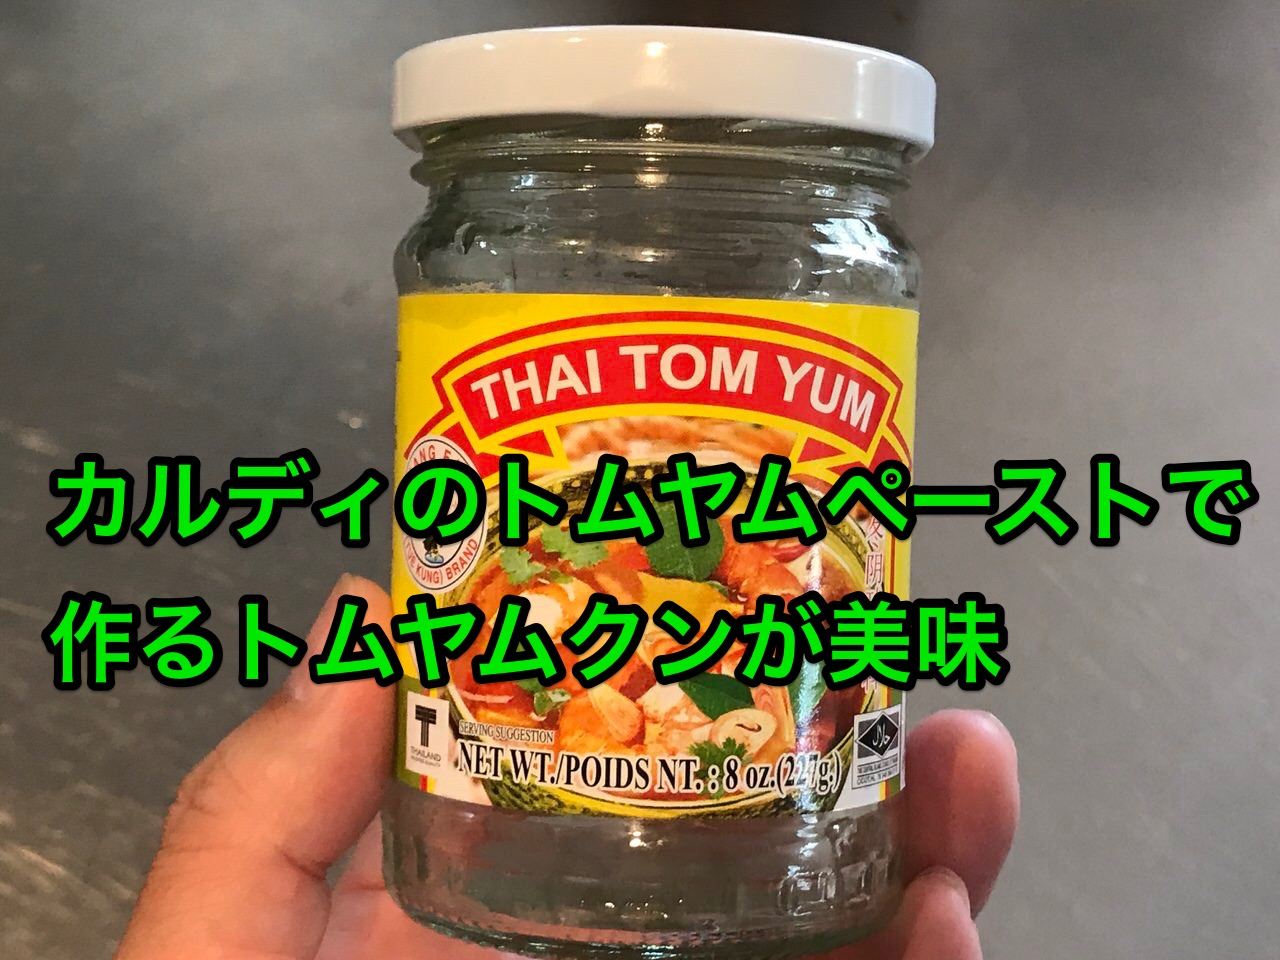 カルディの「ナンファー トムヤムペースト」で作るトムヤムクンが手軽で美味!